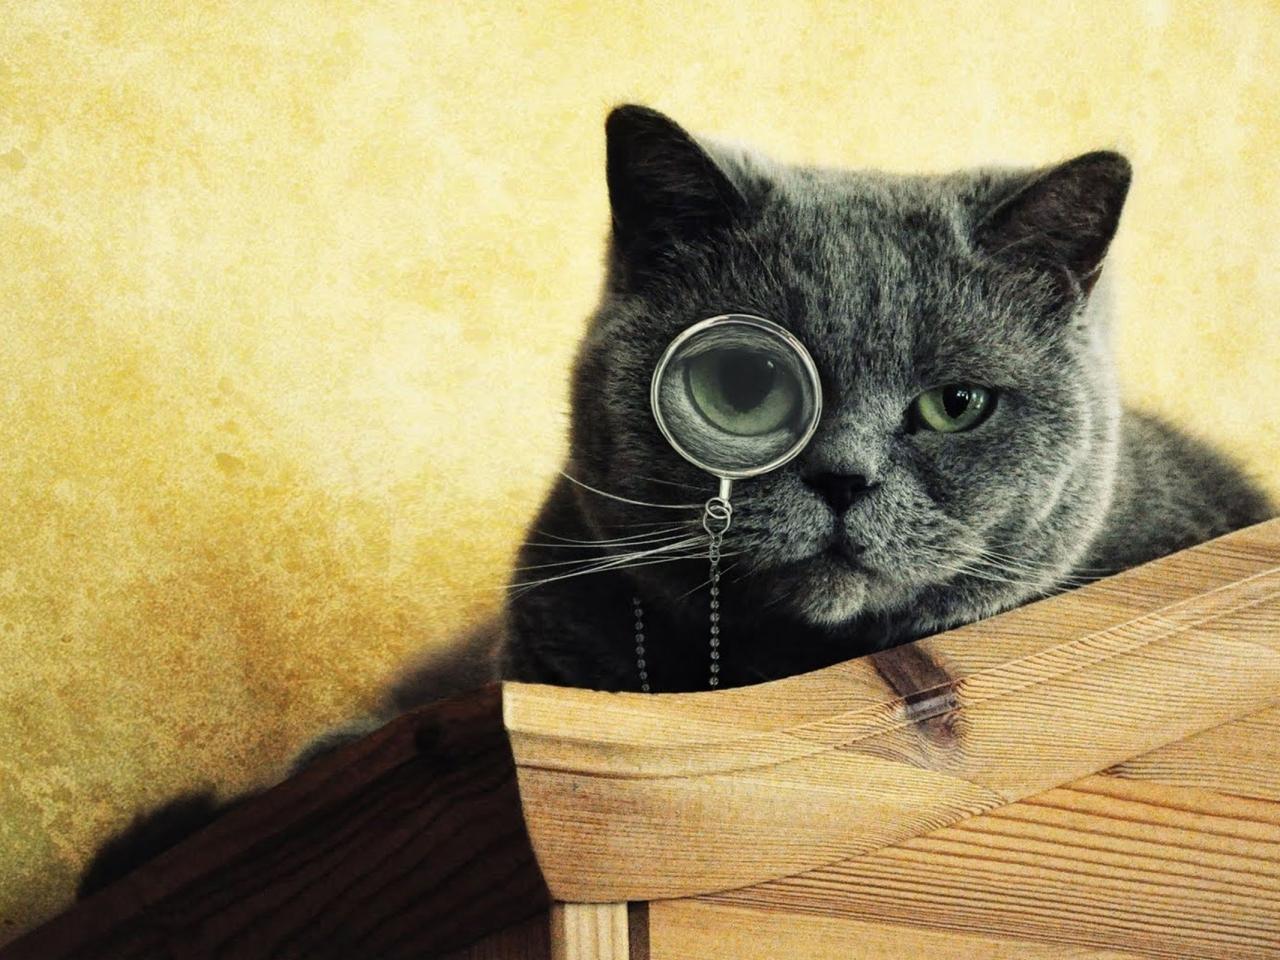 Imágenes graciosas de gatos - 1280x960